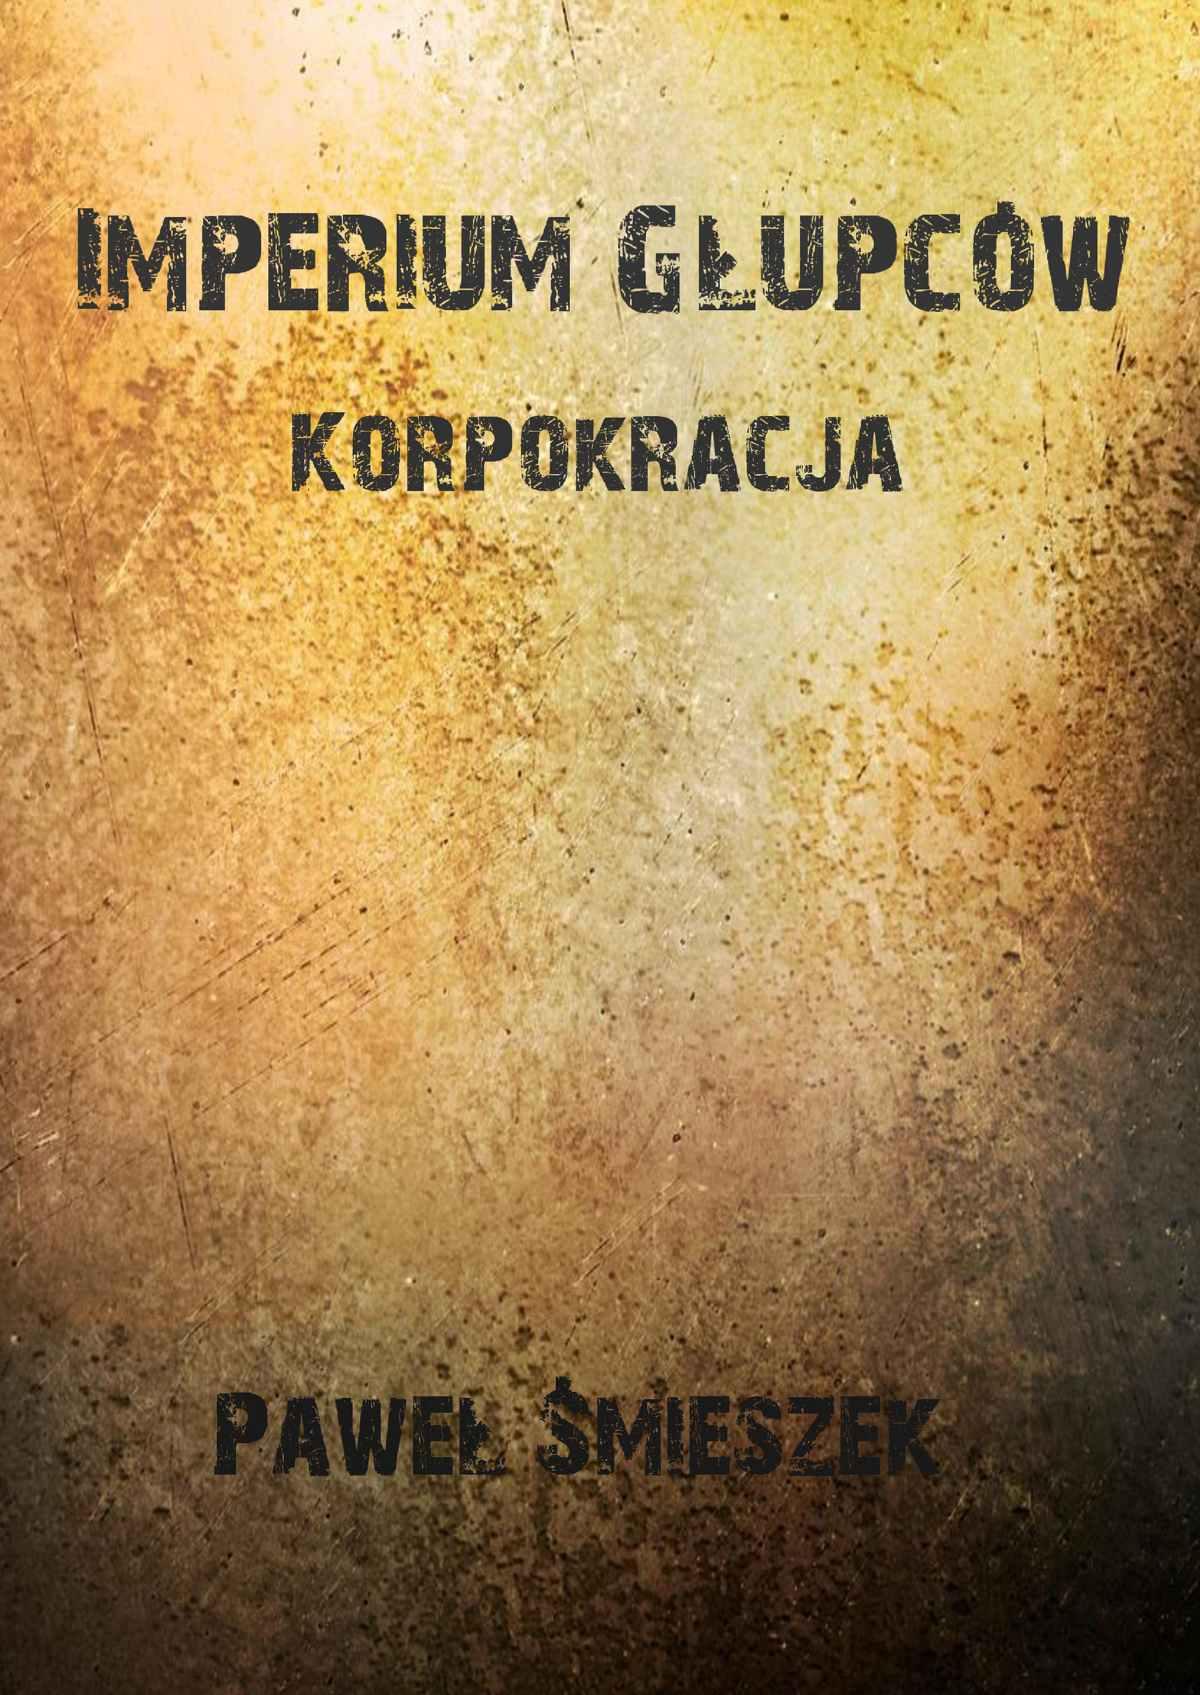 Korpokracja. Imperium głupców - Ebook (Książka EPUB) do pobrania w formacie EPUB